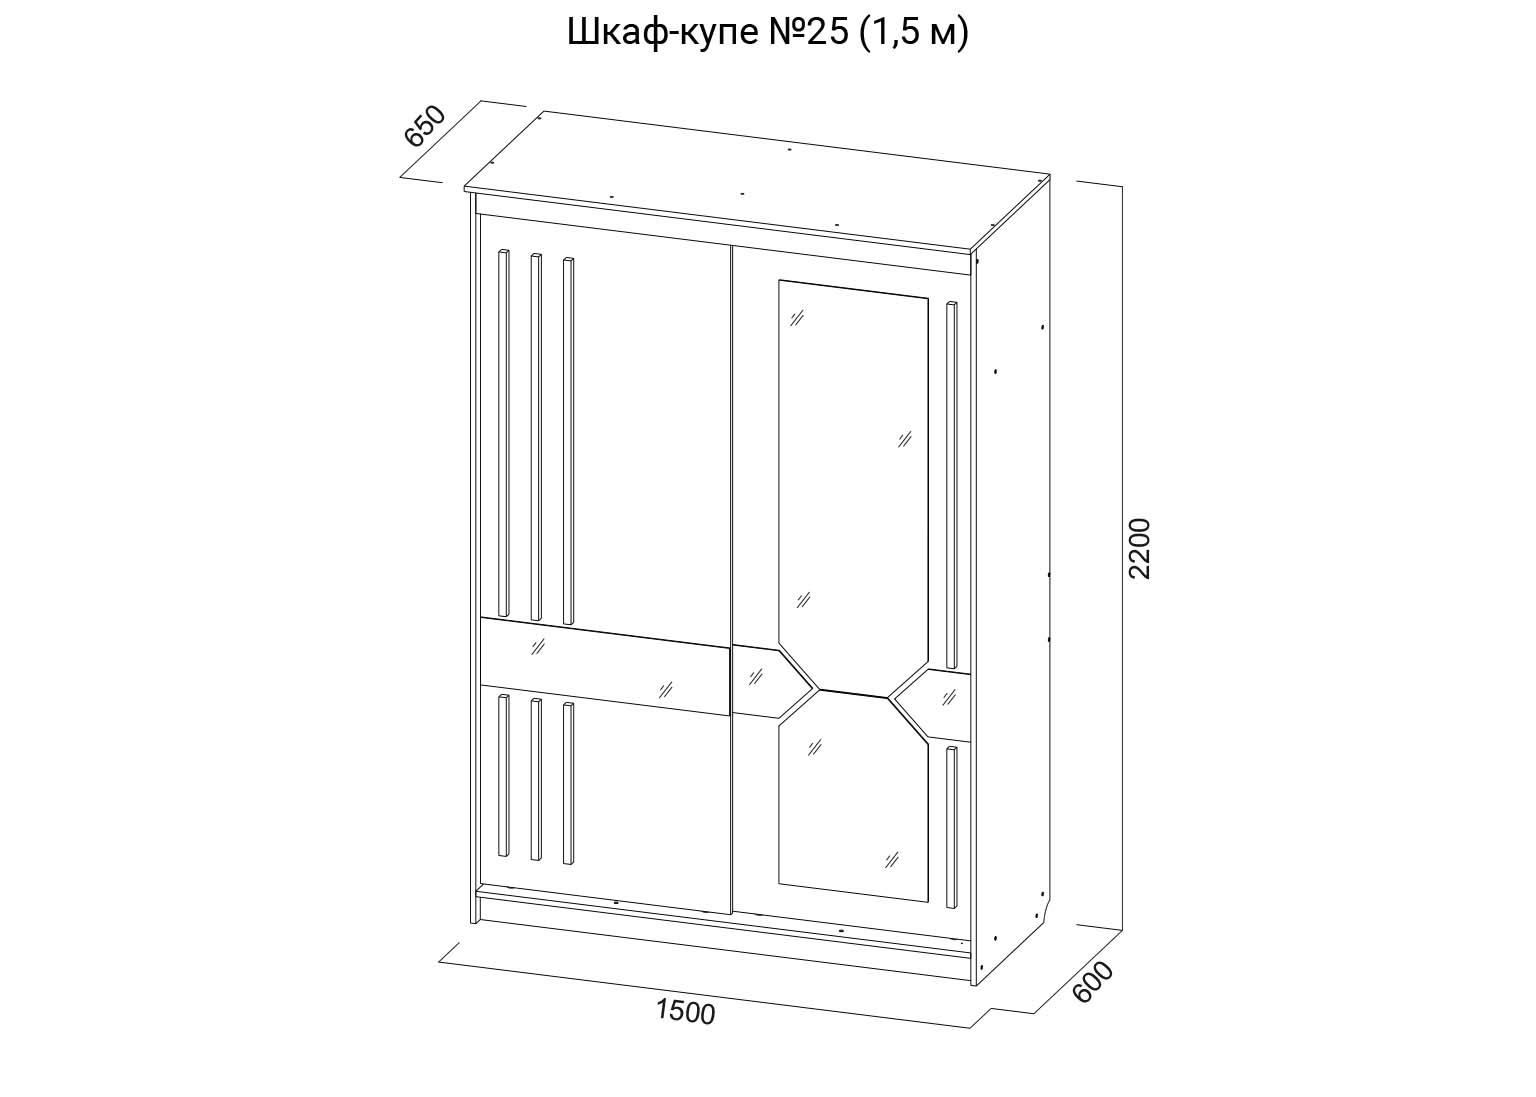 Шкаф-купе №25 1,5 м схема SV-Мебель